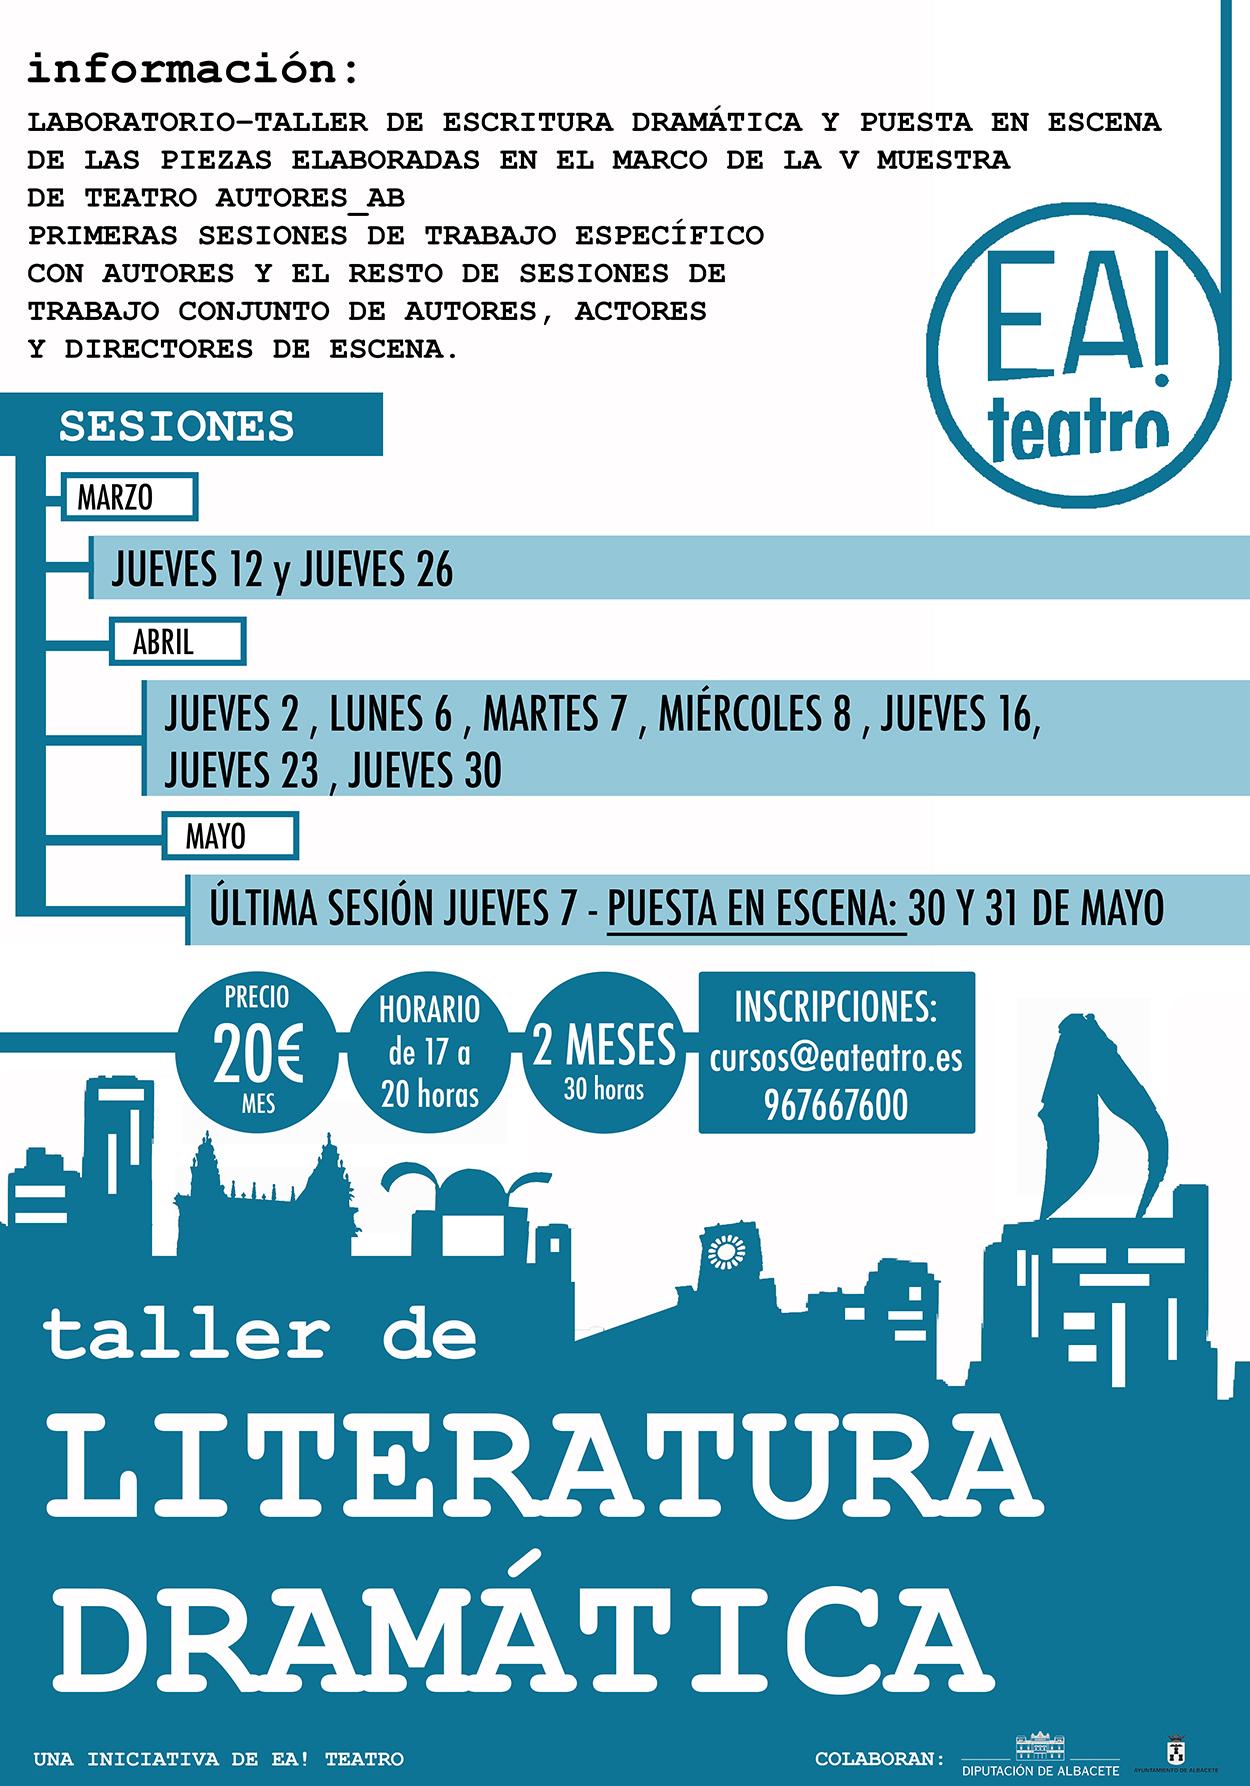 TALLER DE LITERATURA DRAMÁTICA